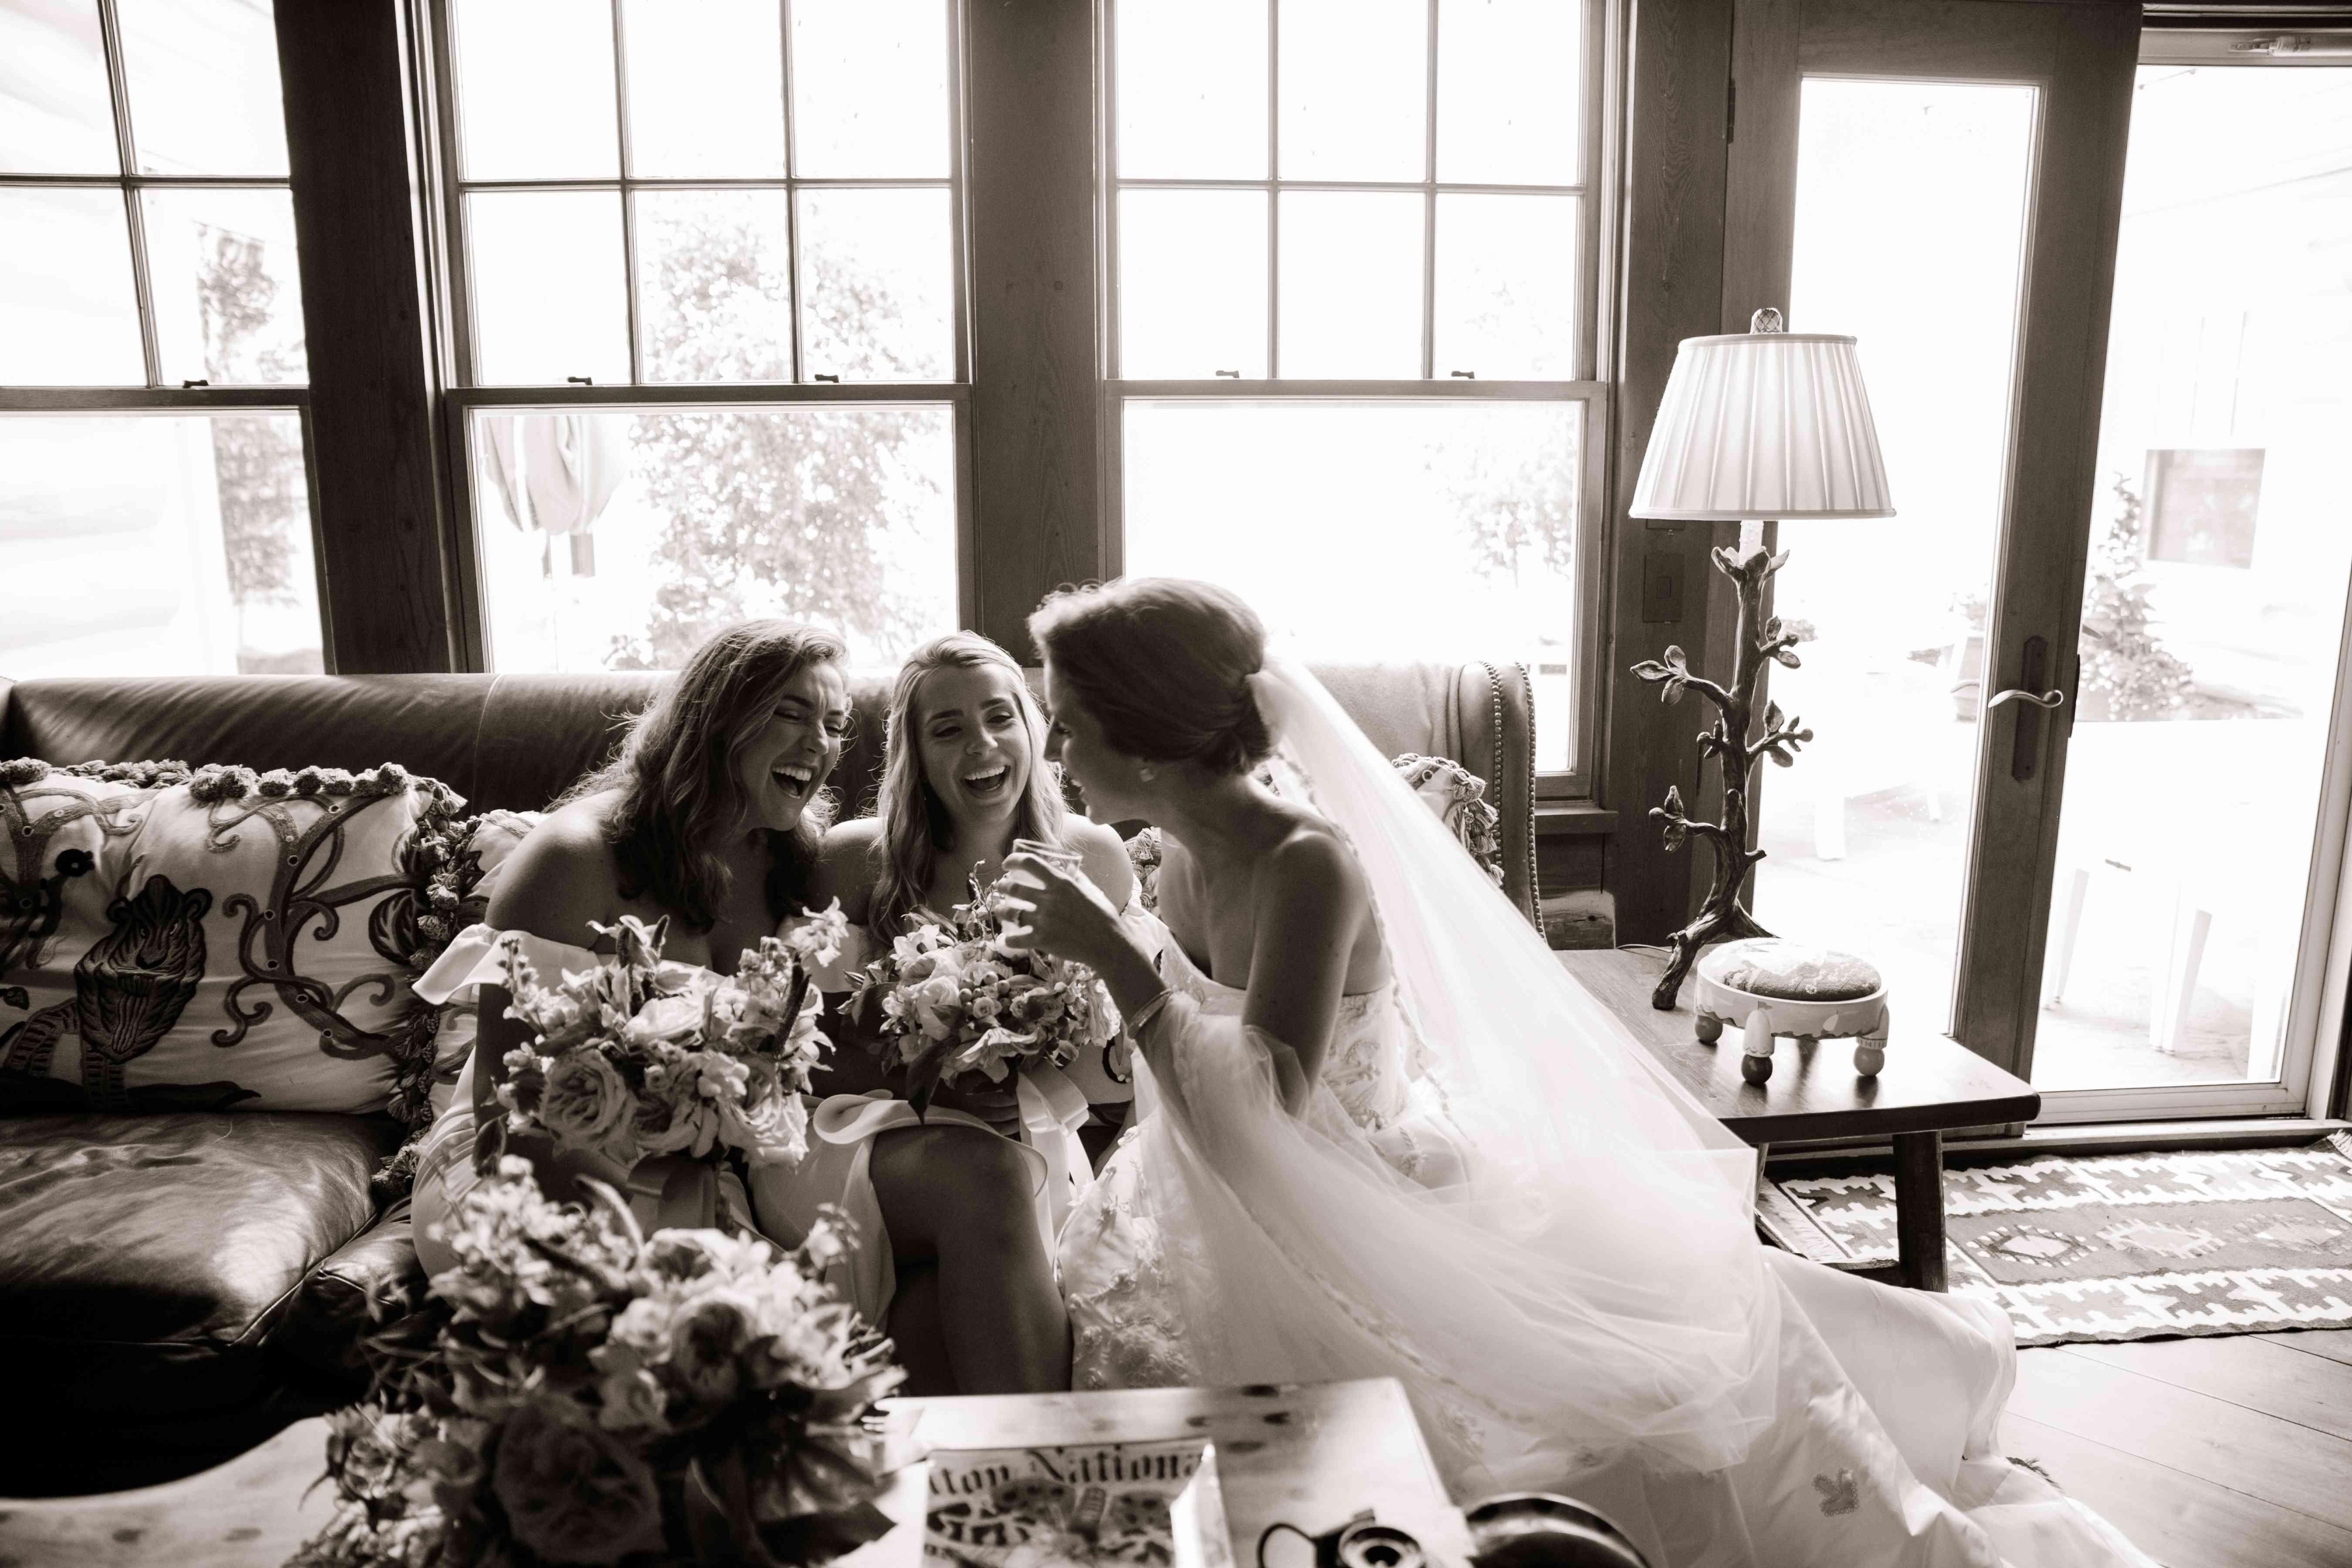 Girls talking to bride